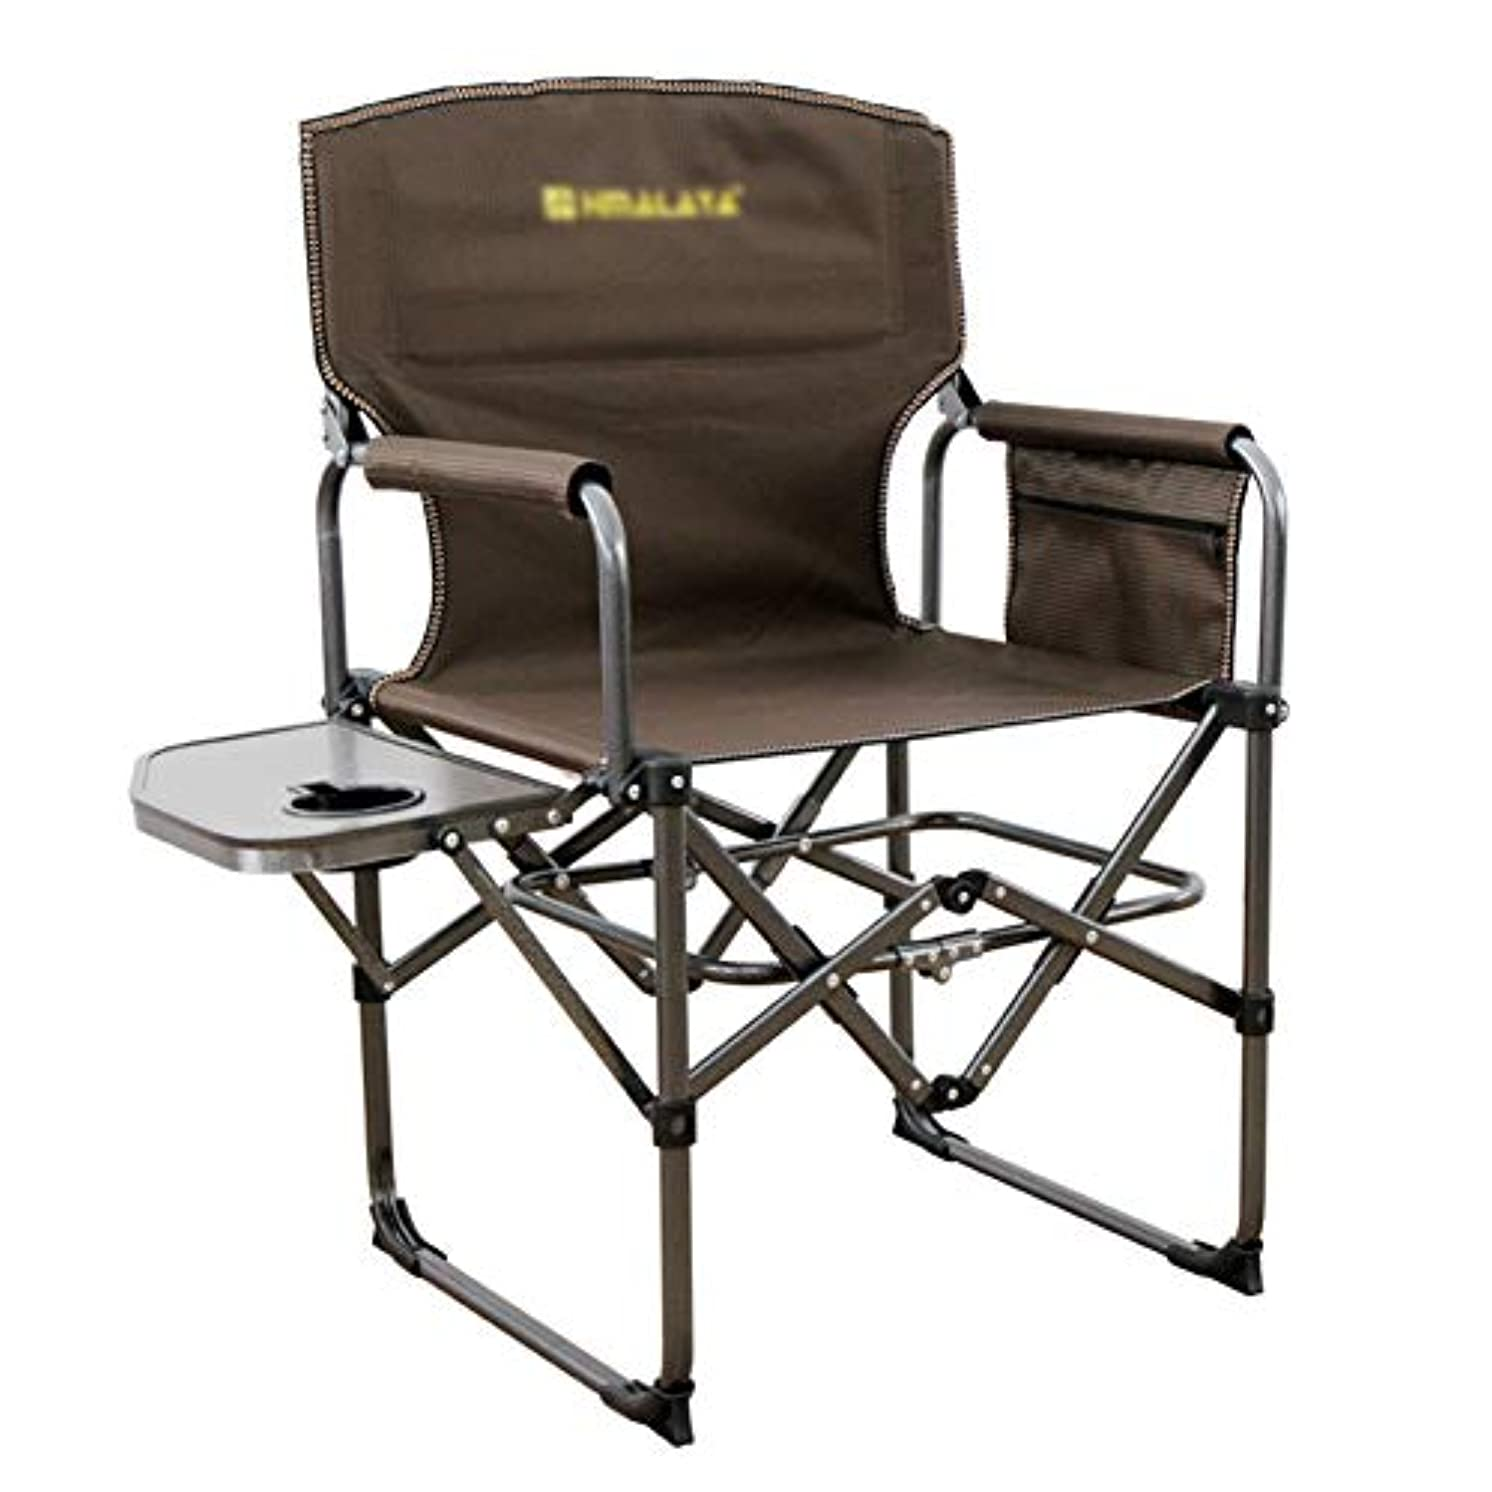 提出する一族会議カップホルダー、屋外旅行のための頑丈な超軽量のキャンプラウンジチェア、ビーチ、ピクニックとポータブル折りたたみ椅子